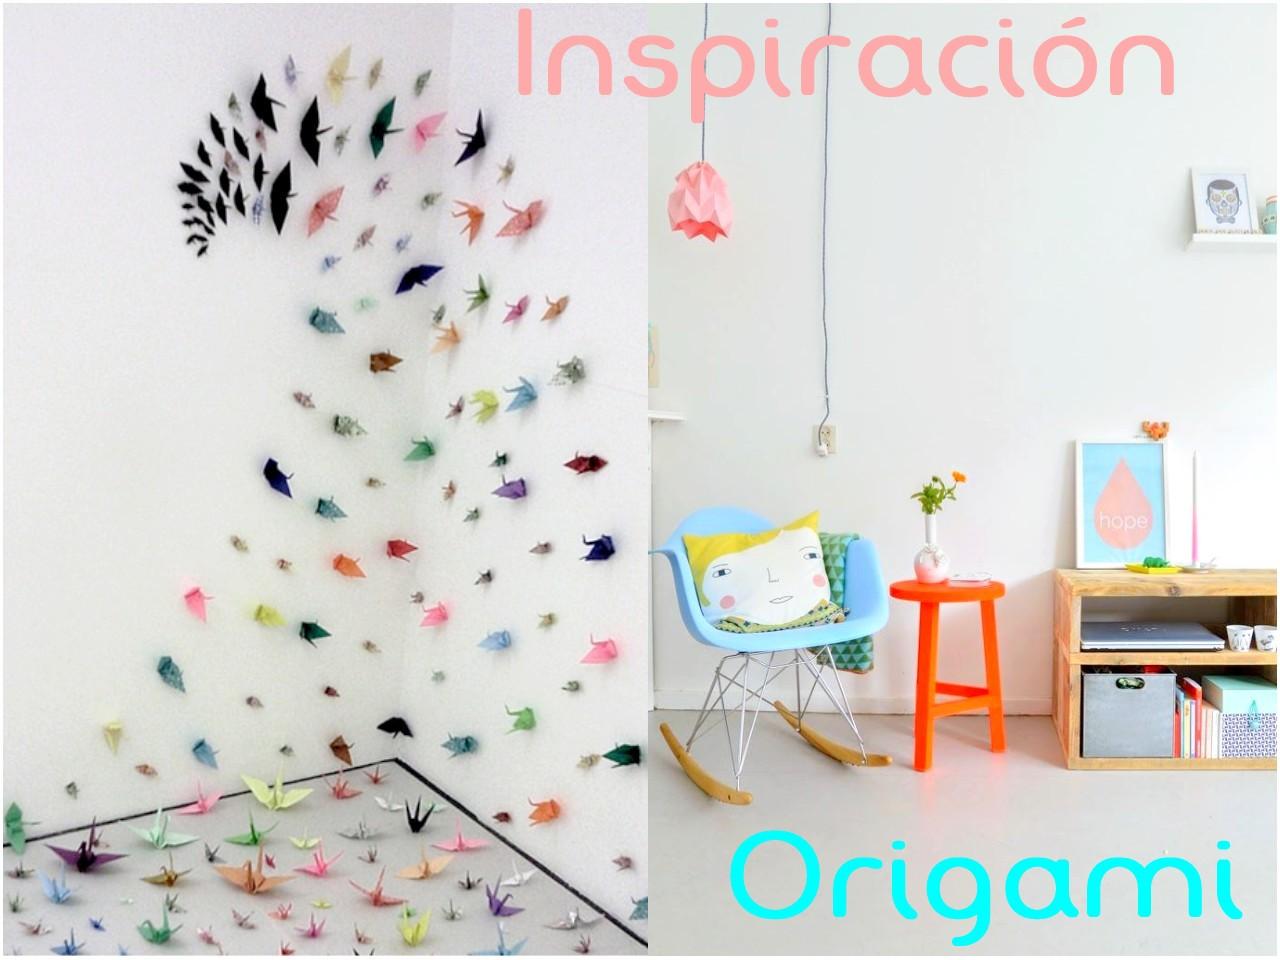 Tendencias decoraci n 2015 inspiraci n origami for Adornos navidenos origami paso a paso